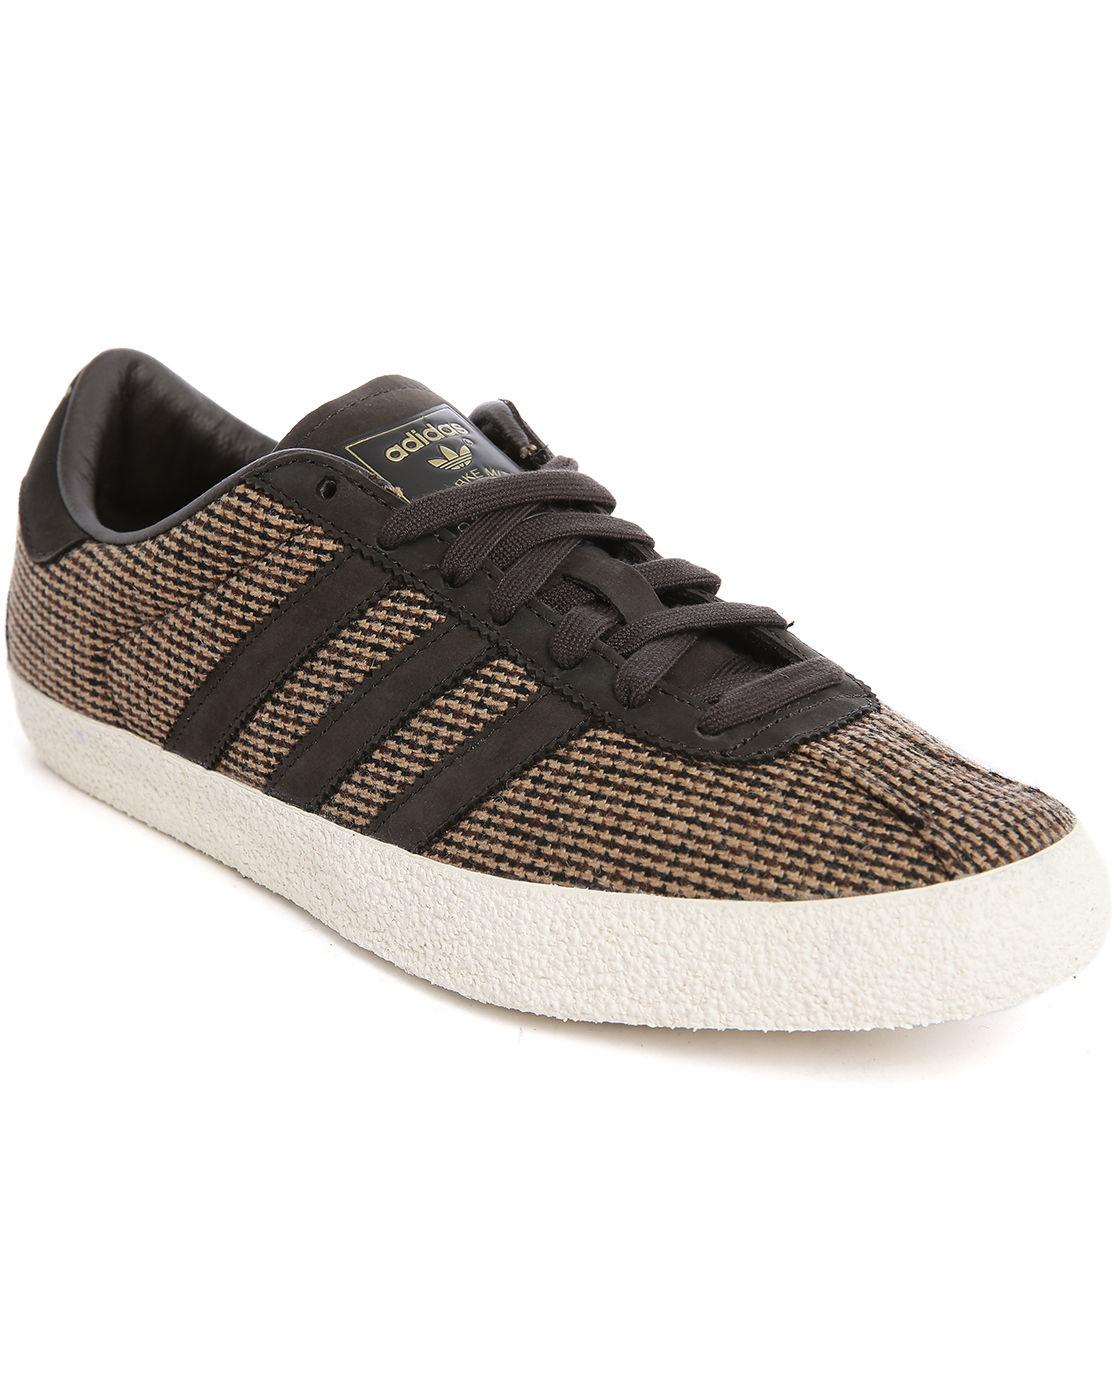 adidas originals gazelle 70s brown tweed sneakers in brown. Black Bedroom Furniture Sets. Home Design Ideas